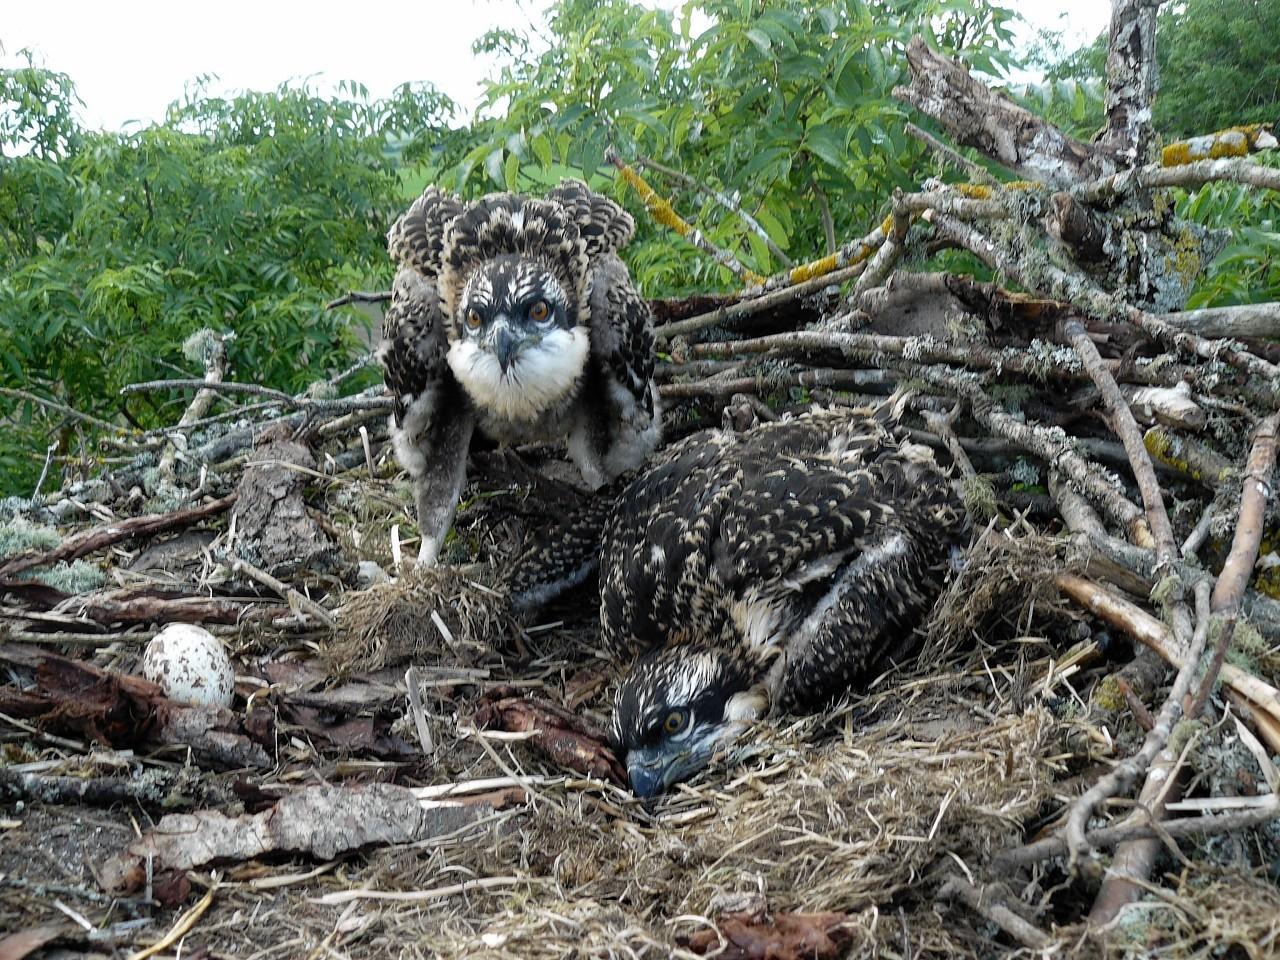 The ospreys at Balnagown Estate